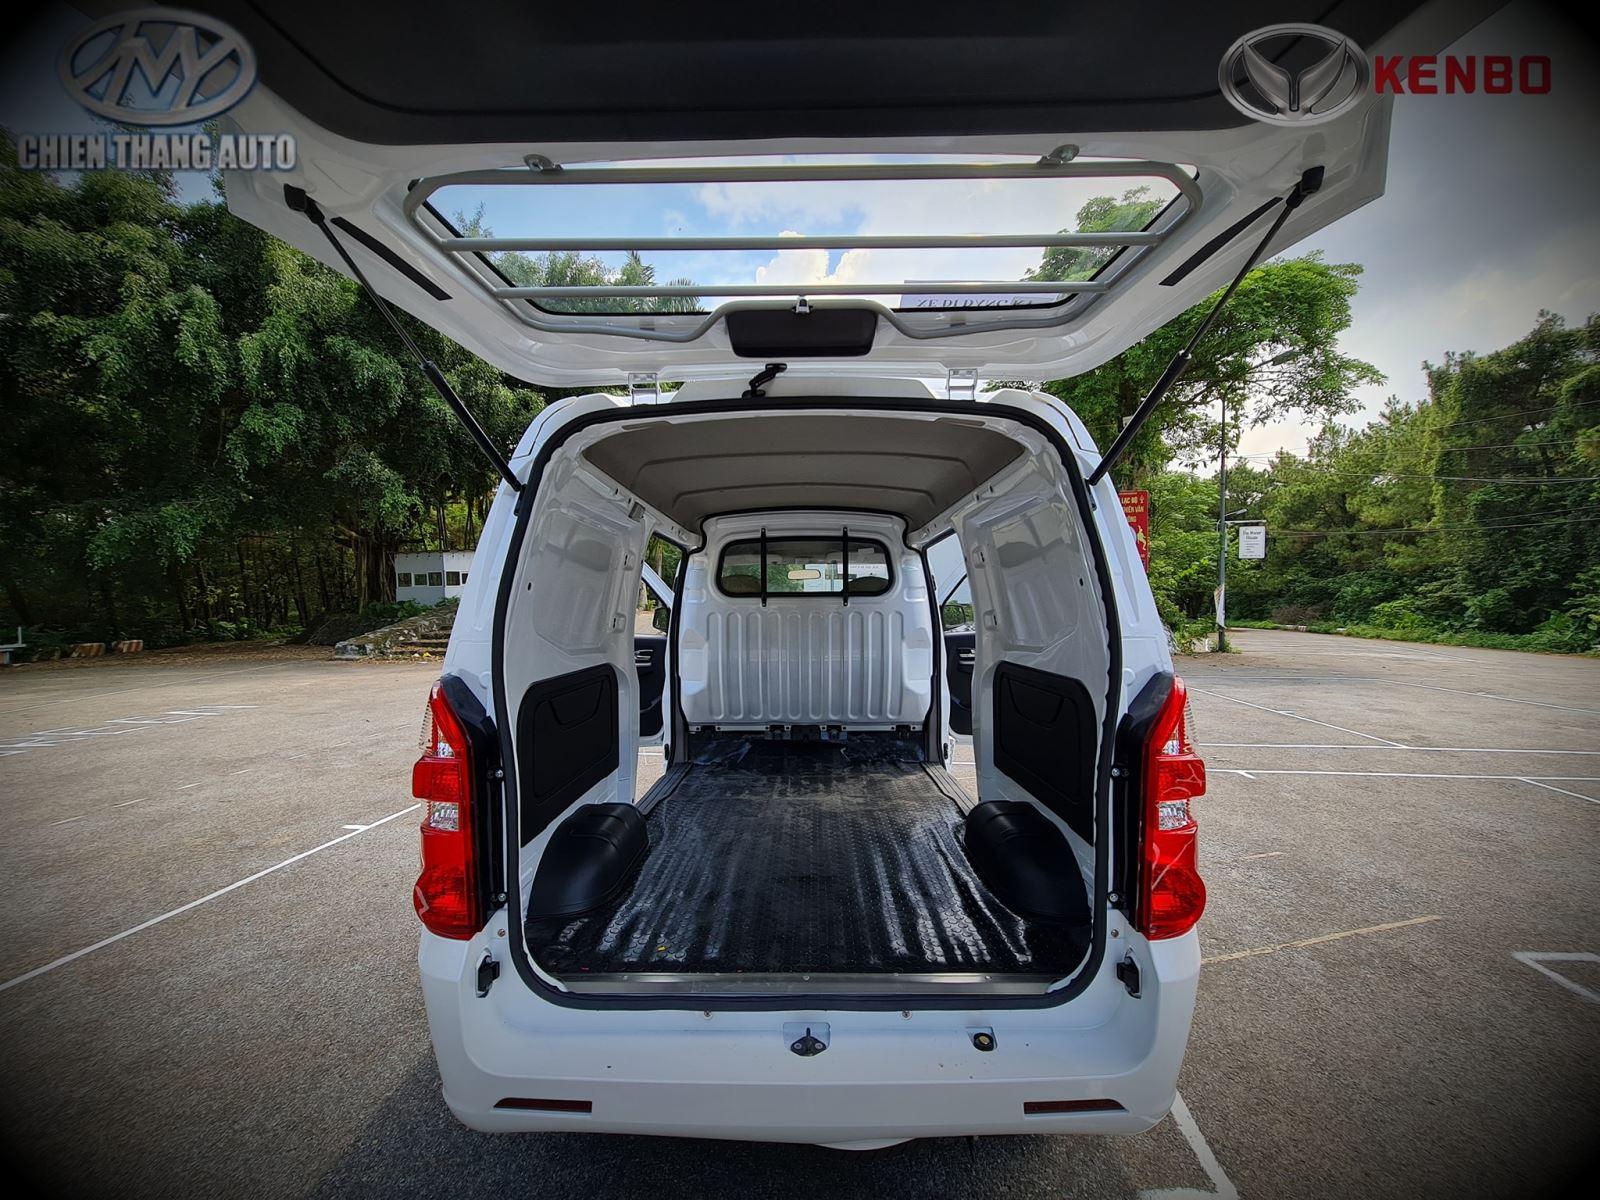 Xe ô tô tải van KENBO 2 chỗ 945 kg, Xe ô tô tải van KENBO 2 chỗ, Xe ô tô tải van KENBO, Xe ô tô tải van, ô tô kenbo